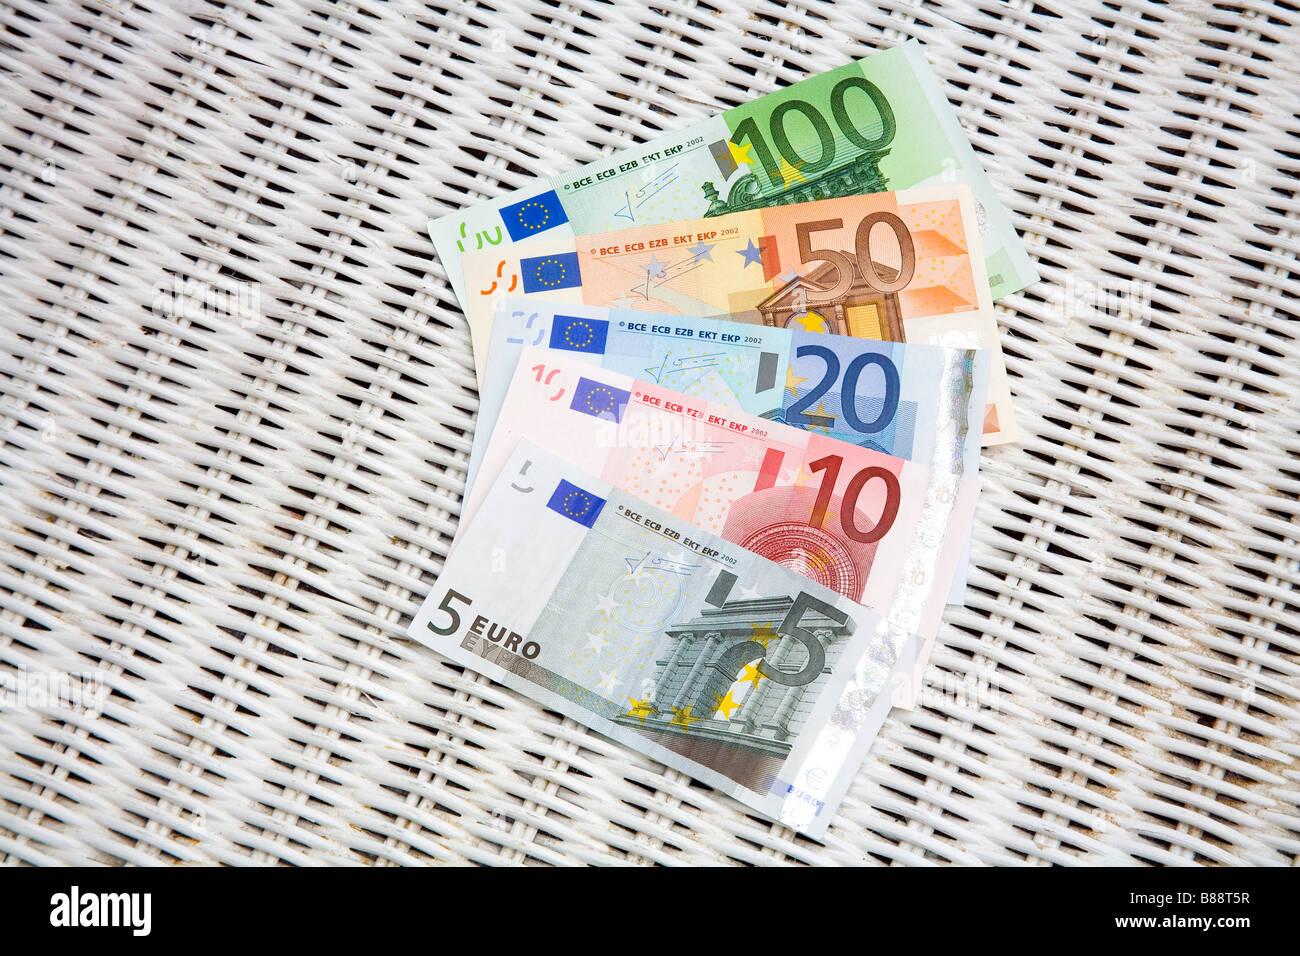 European EURO Banknotes - Stock Image